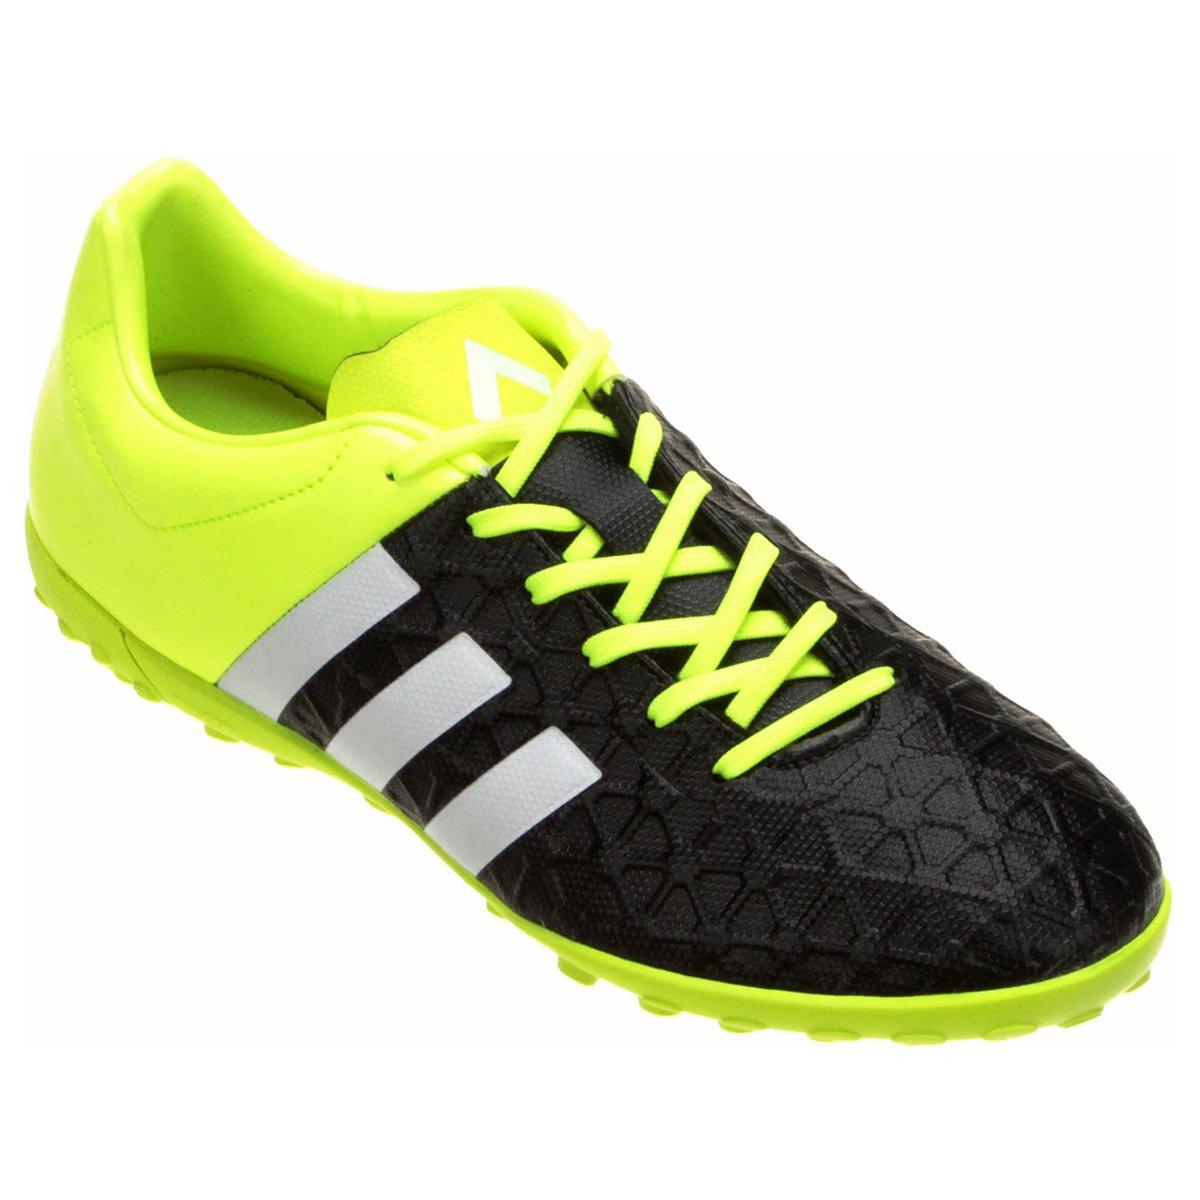 Chuteira Society Adidas Ace 15 4 TF Masculina - Compre Agora  ce1e0fde71140